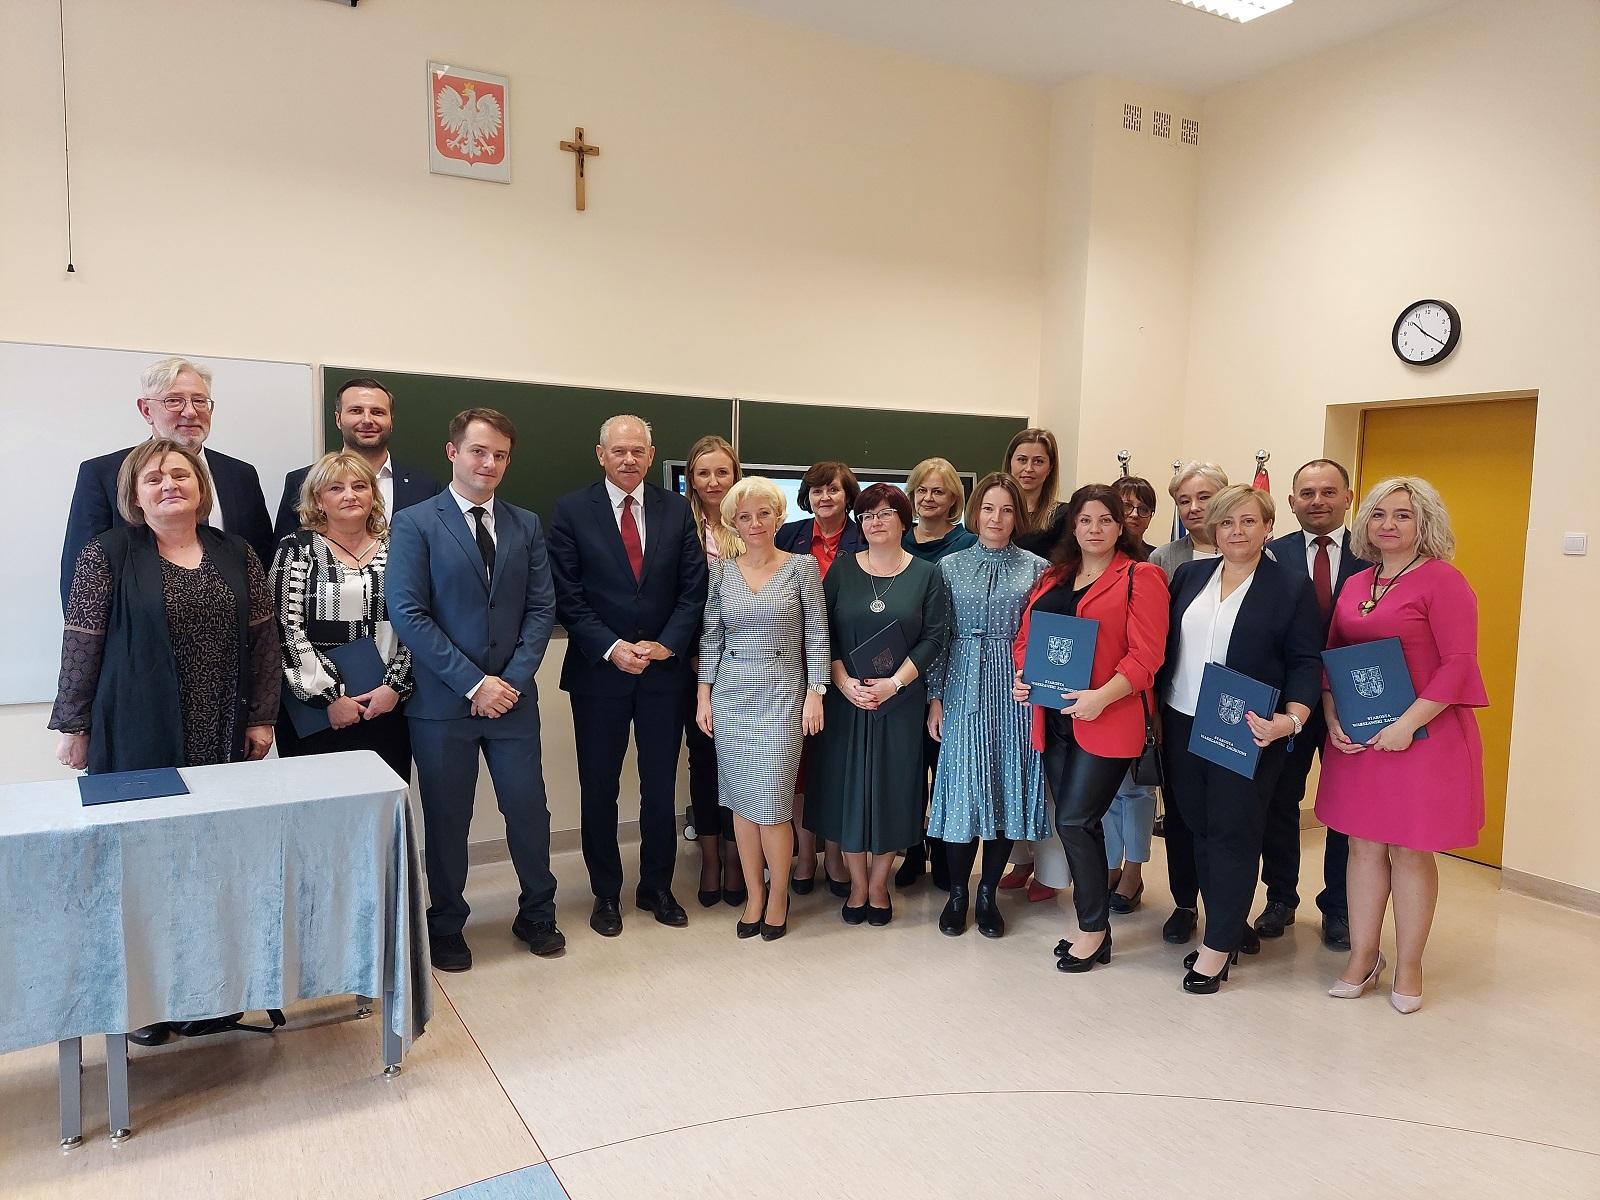 zdjęcie grupowe ze spotkania